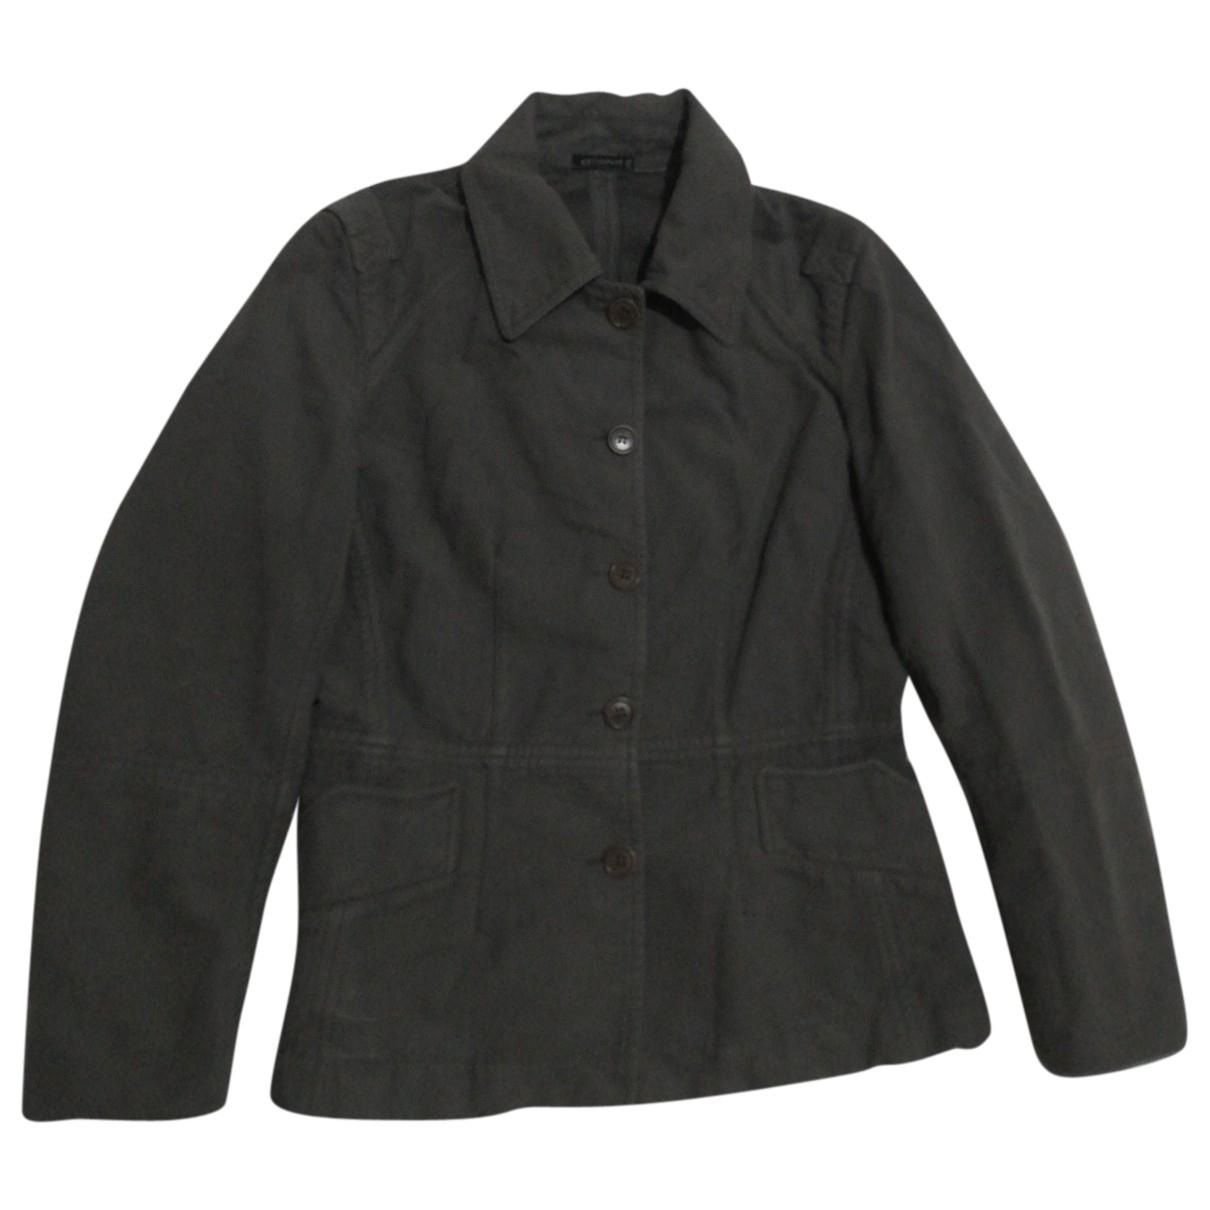 Cp Company - Veste   pour femme en coton - gris